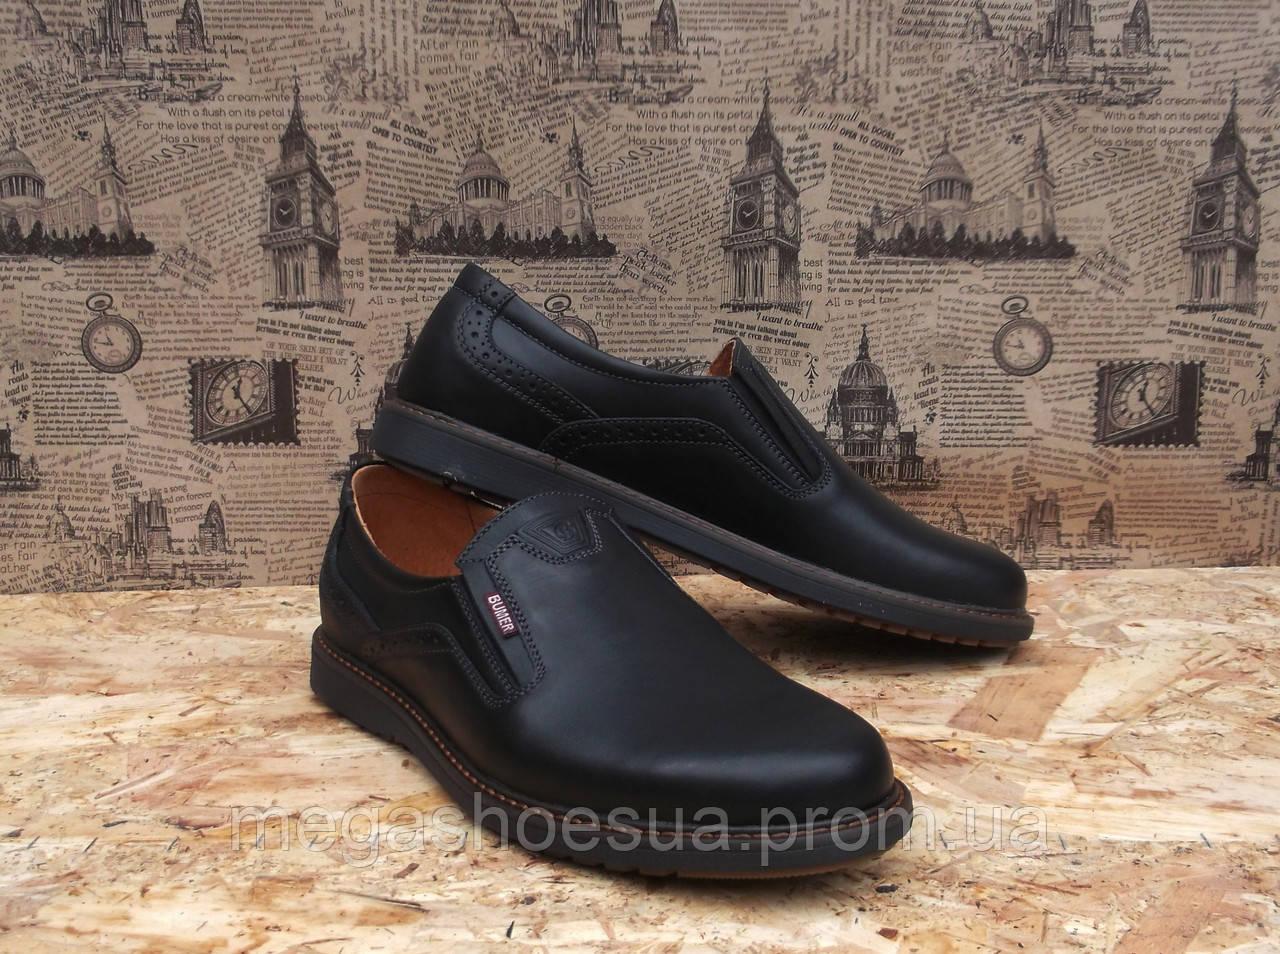 f697e9e22d35 Купить Мужские туфли Bumer 100 с натуральной кожи стильные в Киеве ...